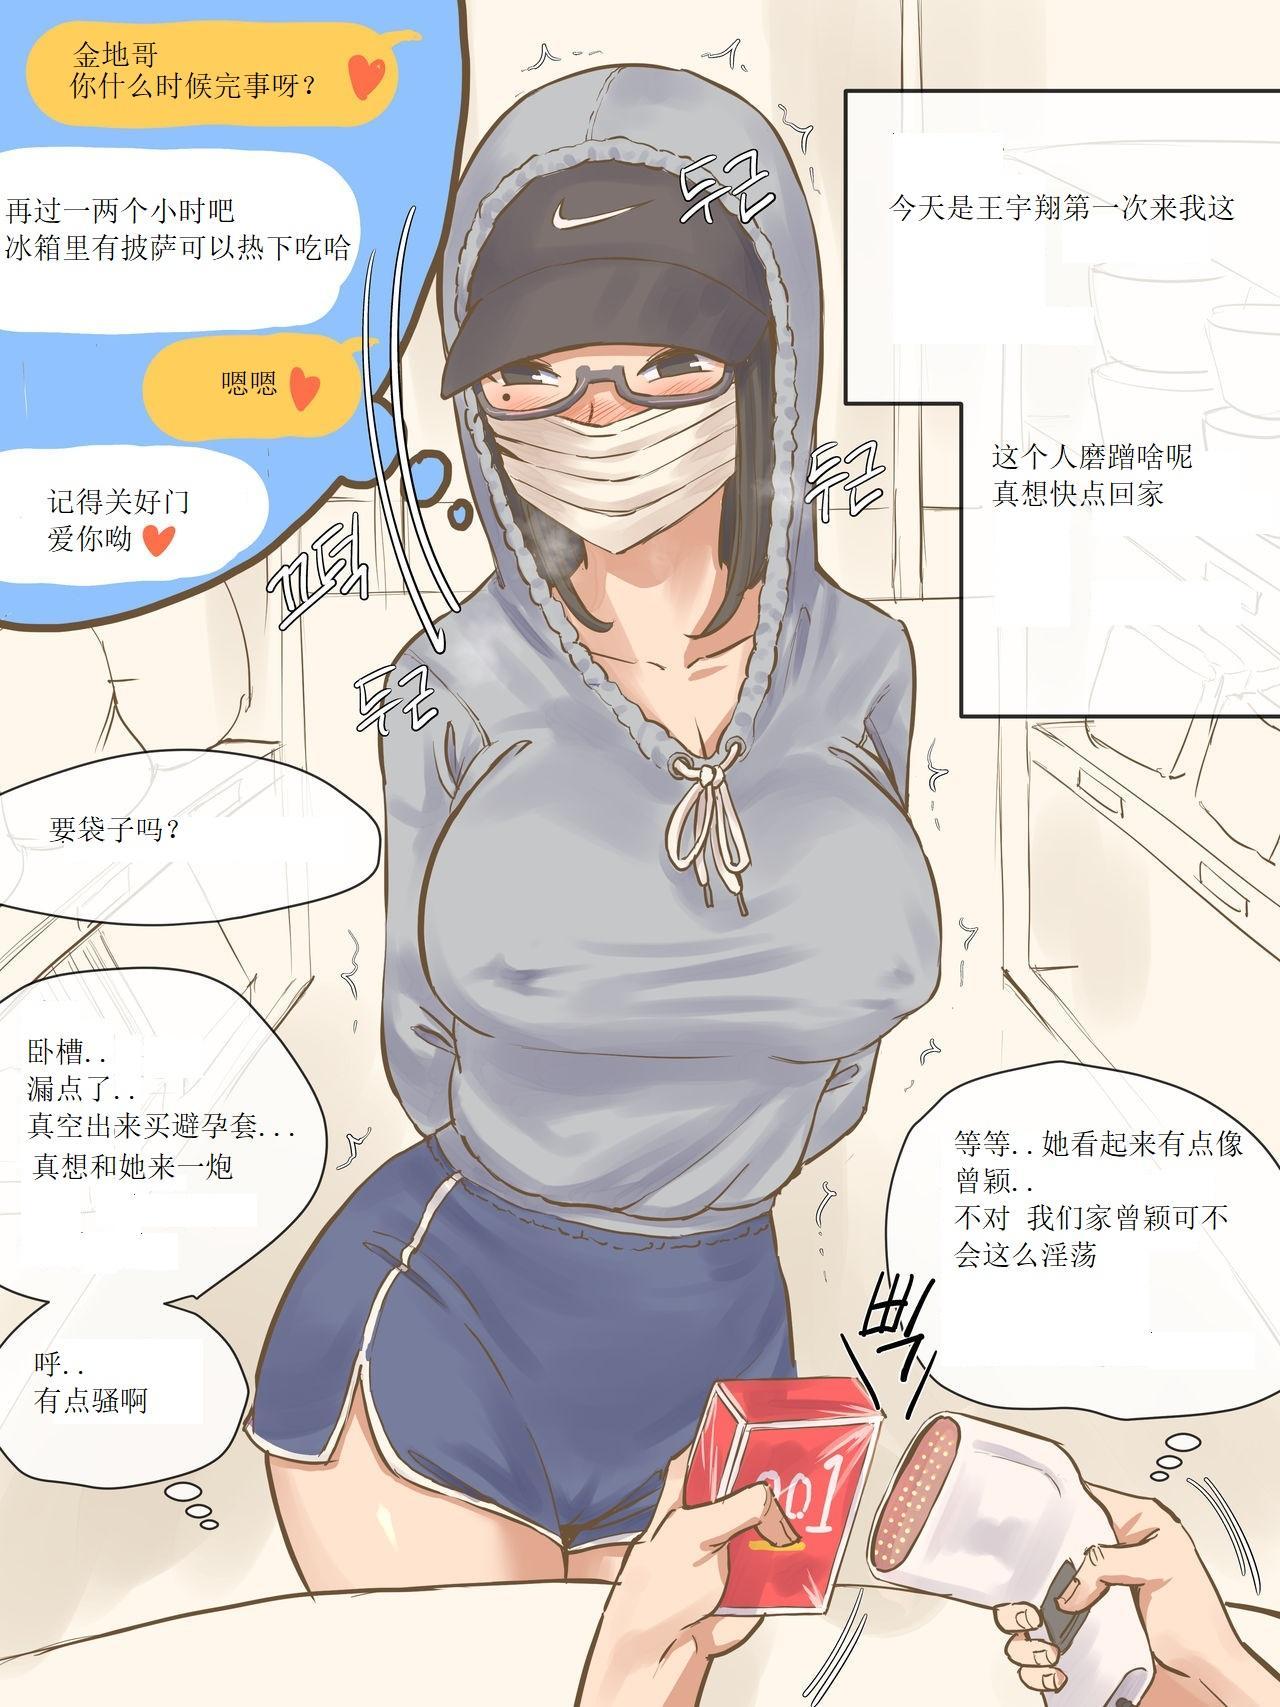 [laliberte] 曾颖的周末时光 [中文] ♠曾颖个人汉化 0